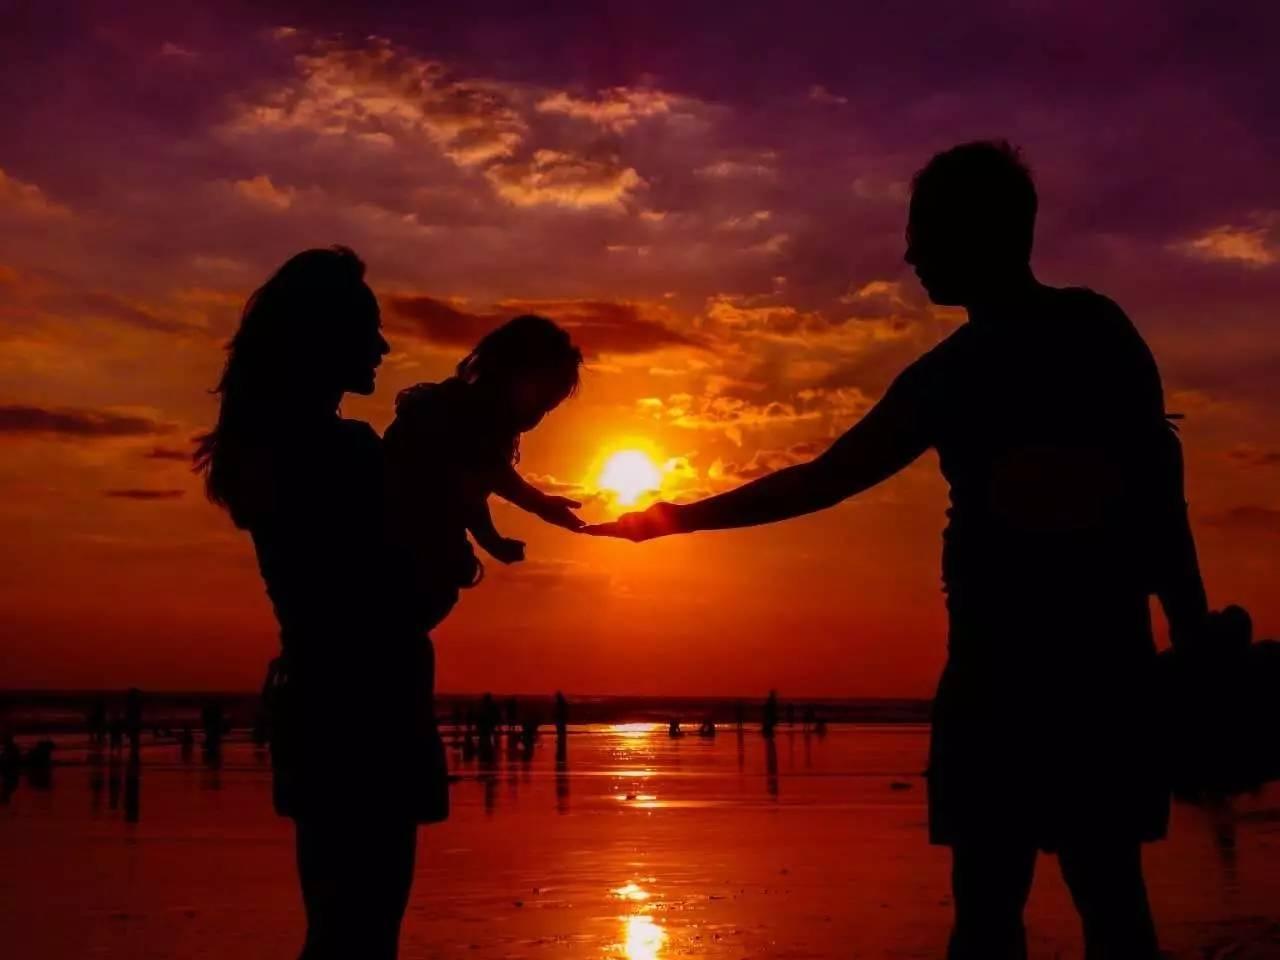 侣,貌似老人在回忆当年老伴追求她时的浪漫情景~-福利丨为什么最